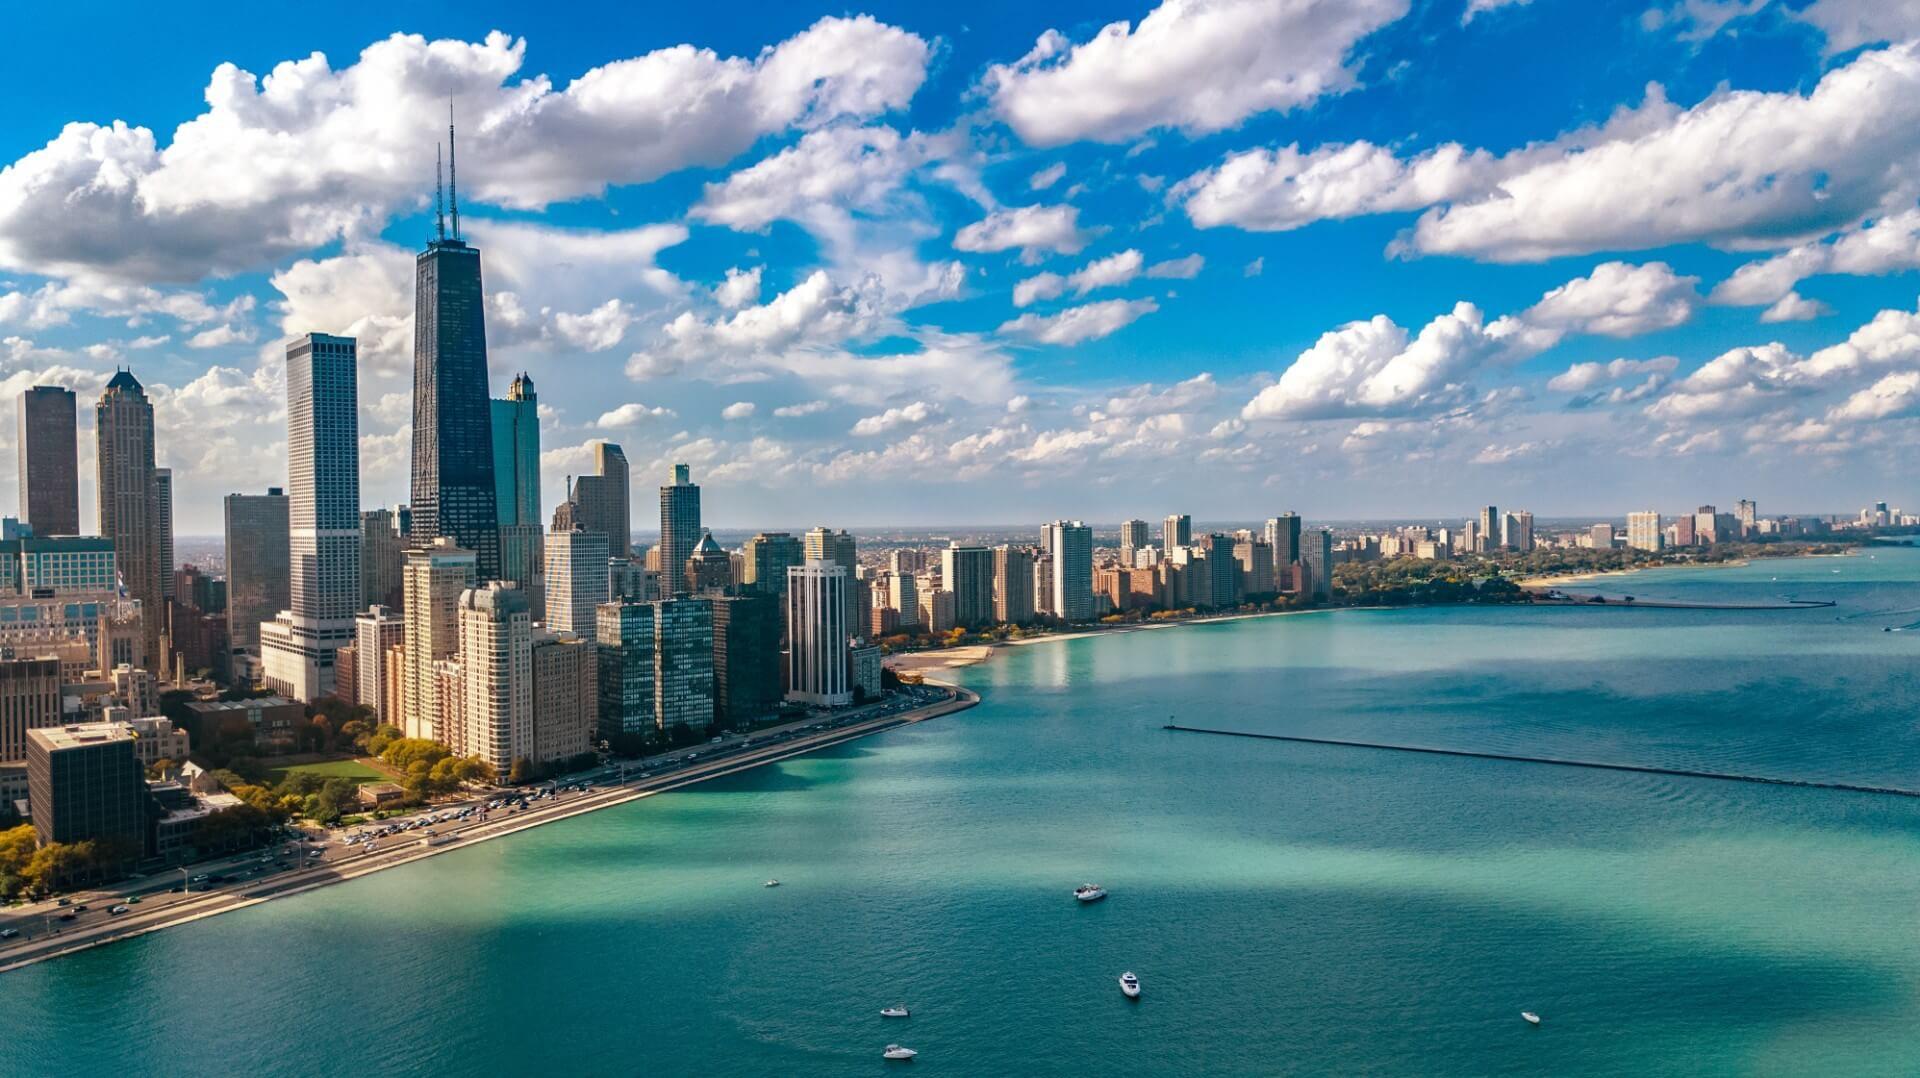 Chicago Bay